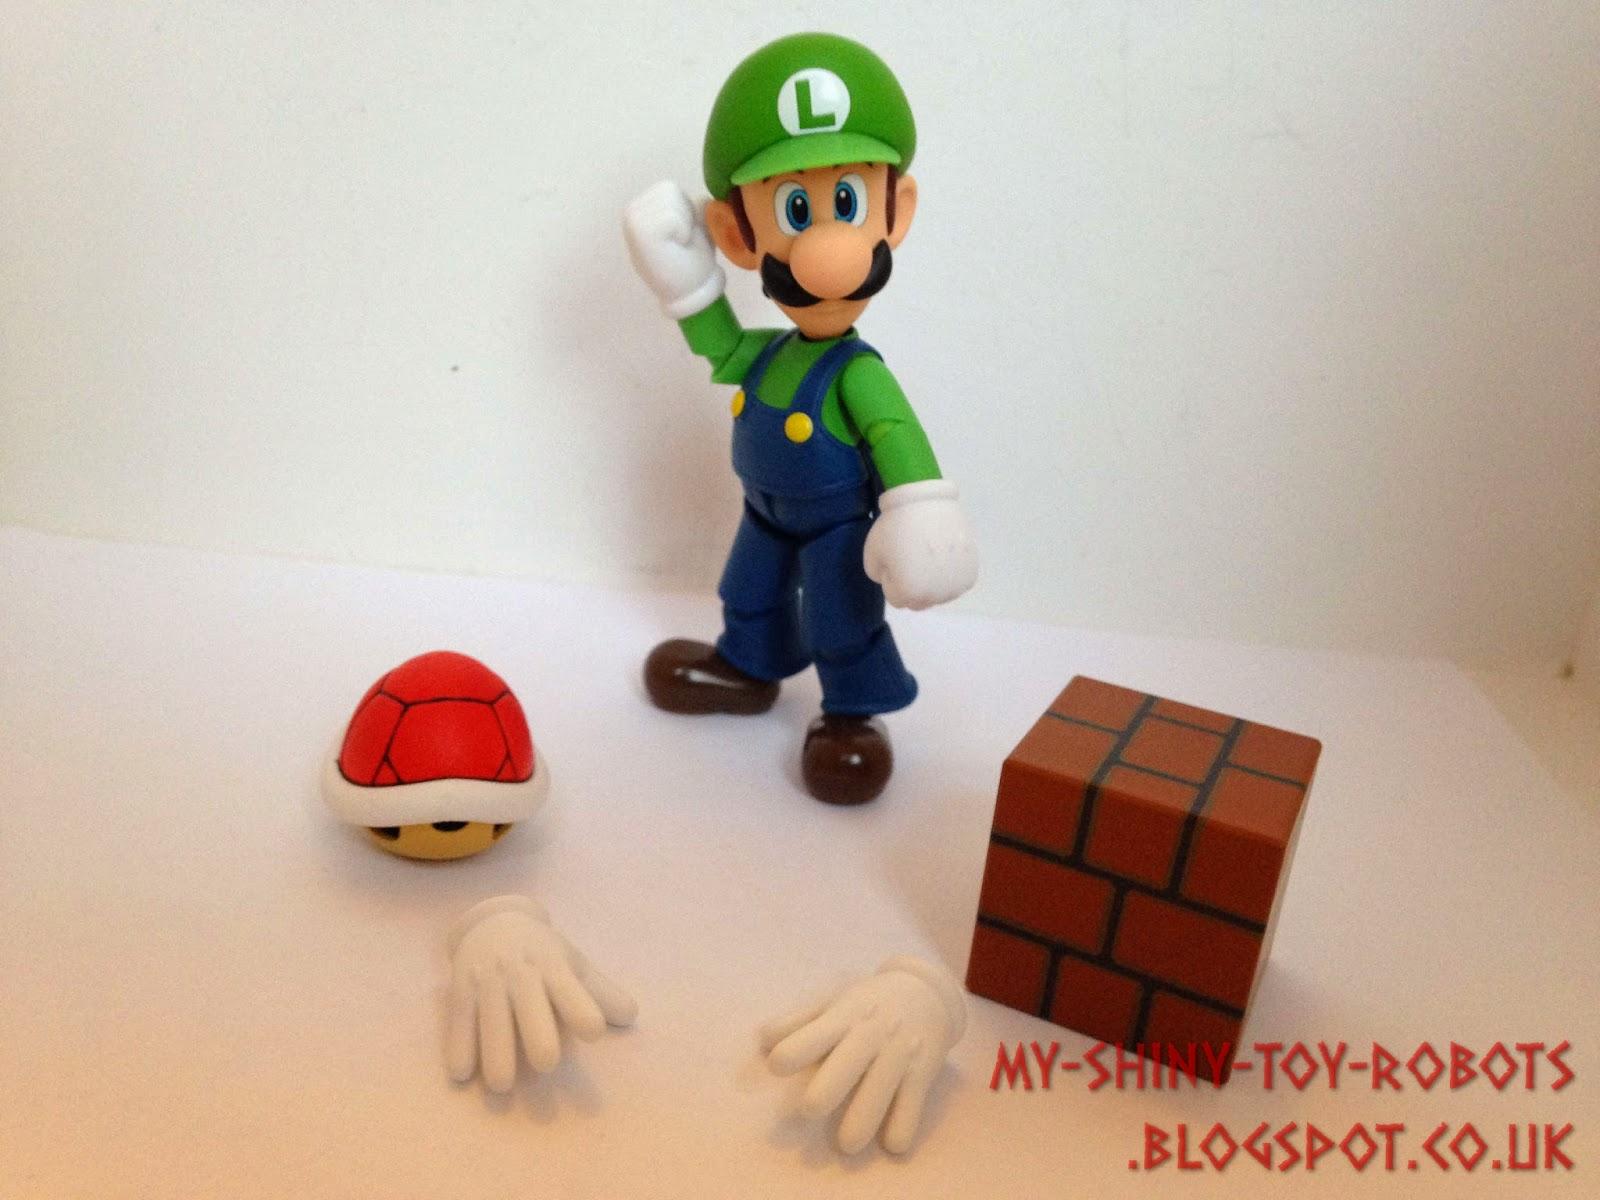 Luigi's accessories